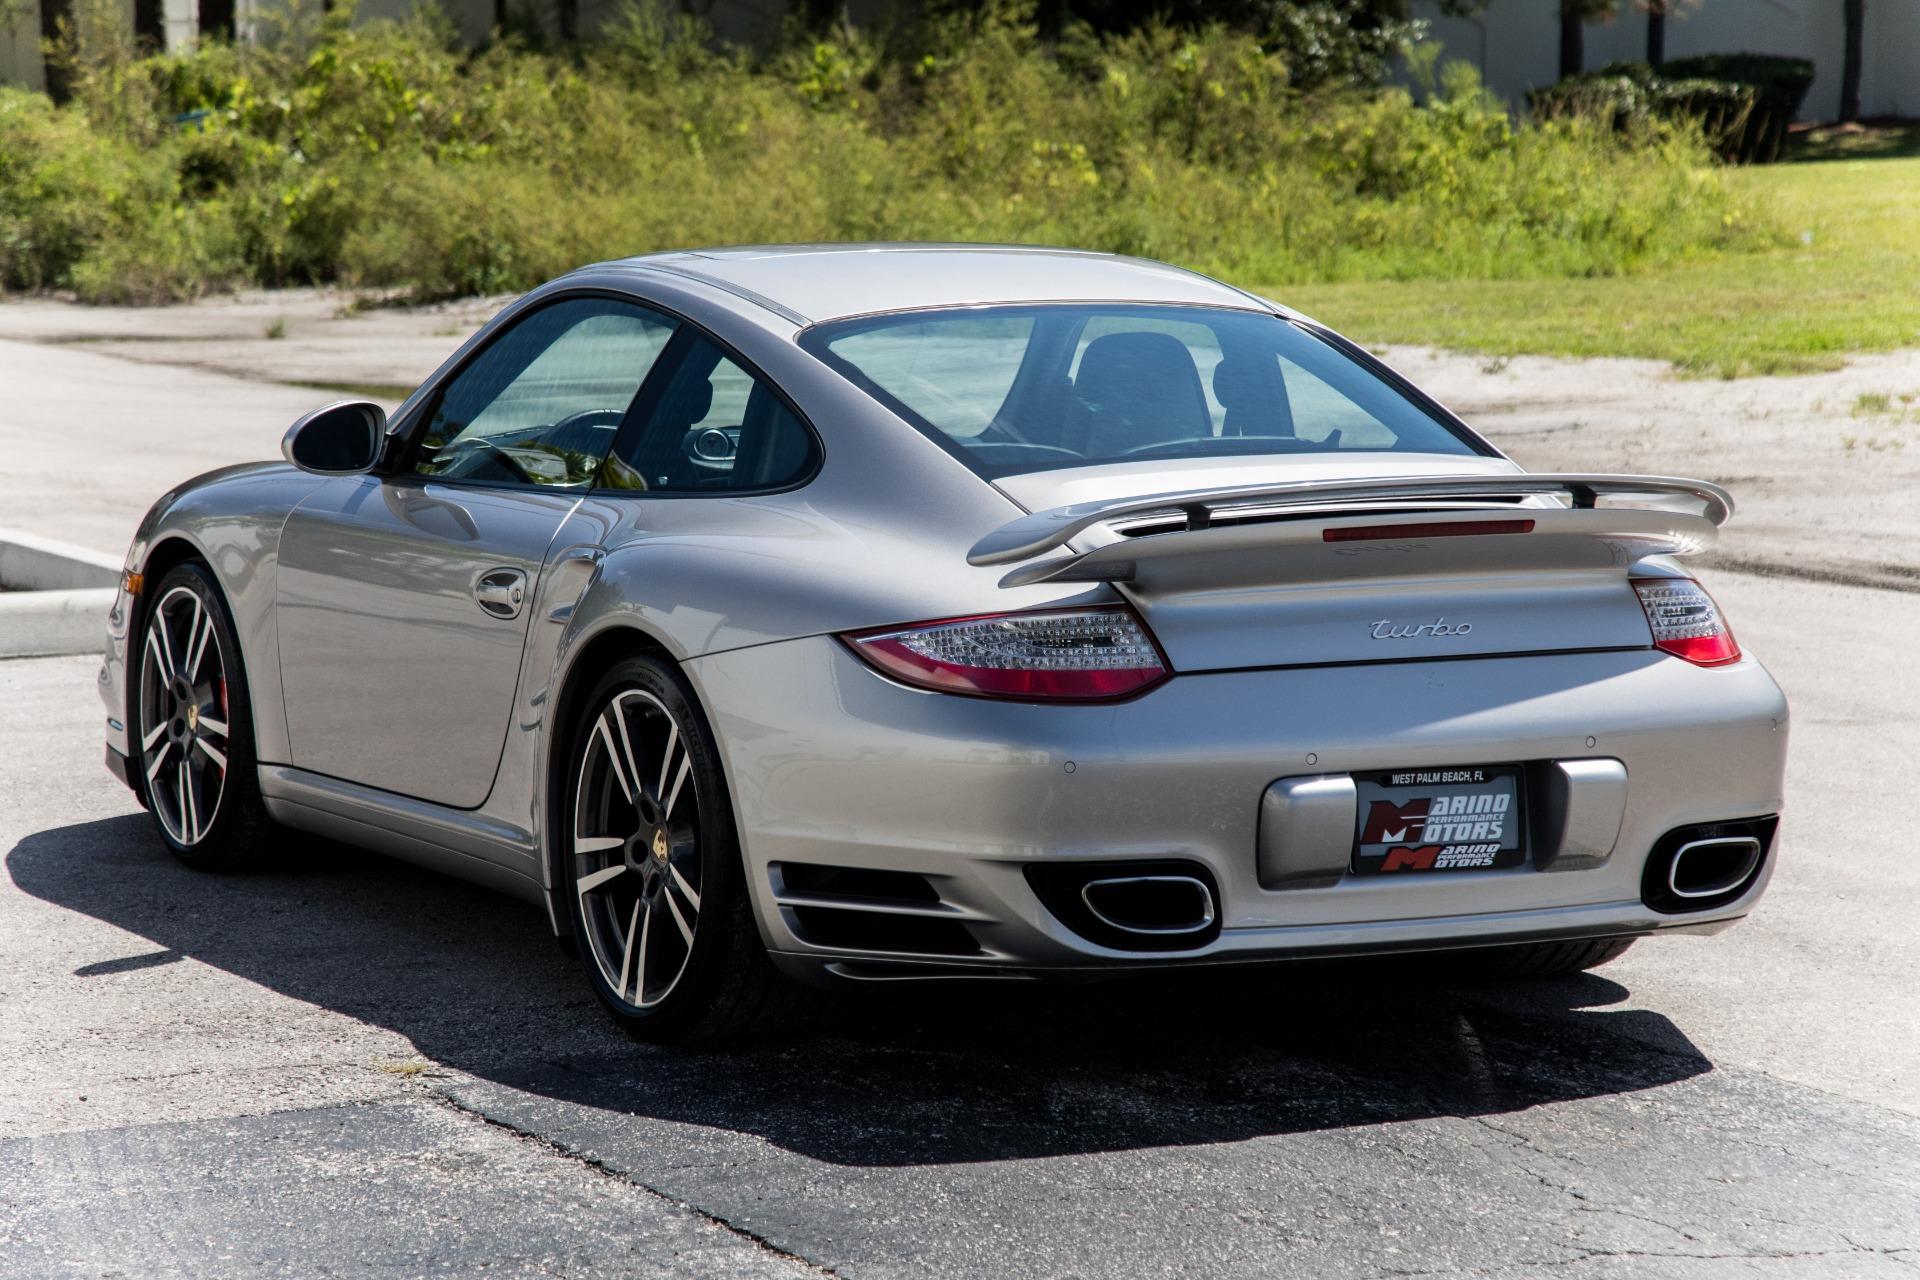 Used-2013-Porsche-911-Turbo